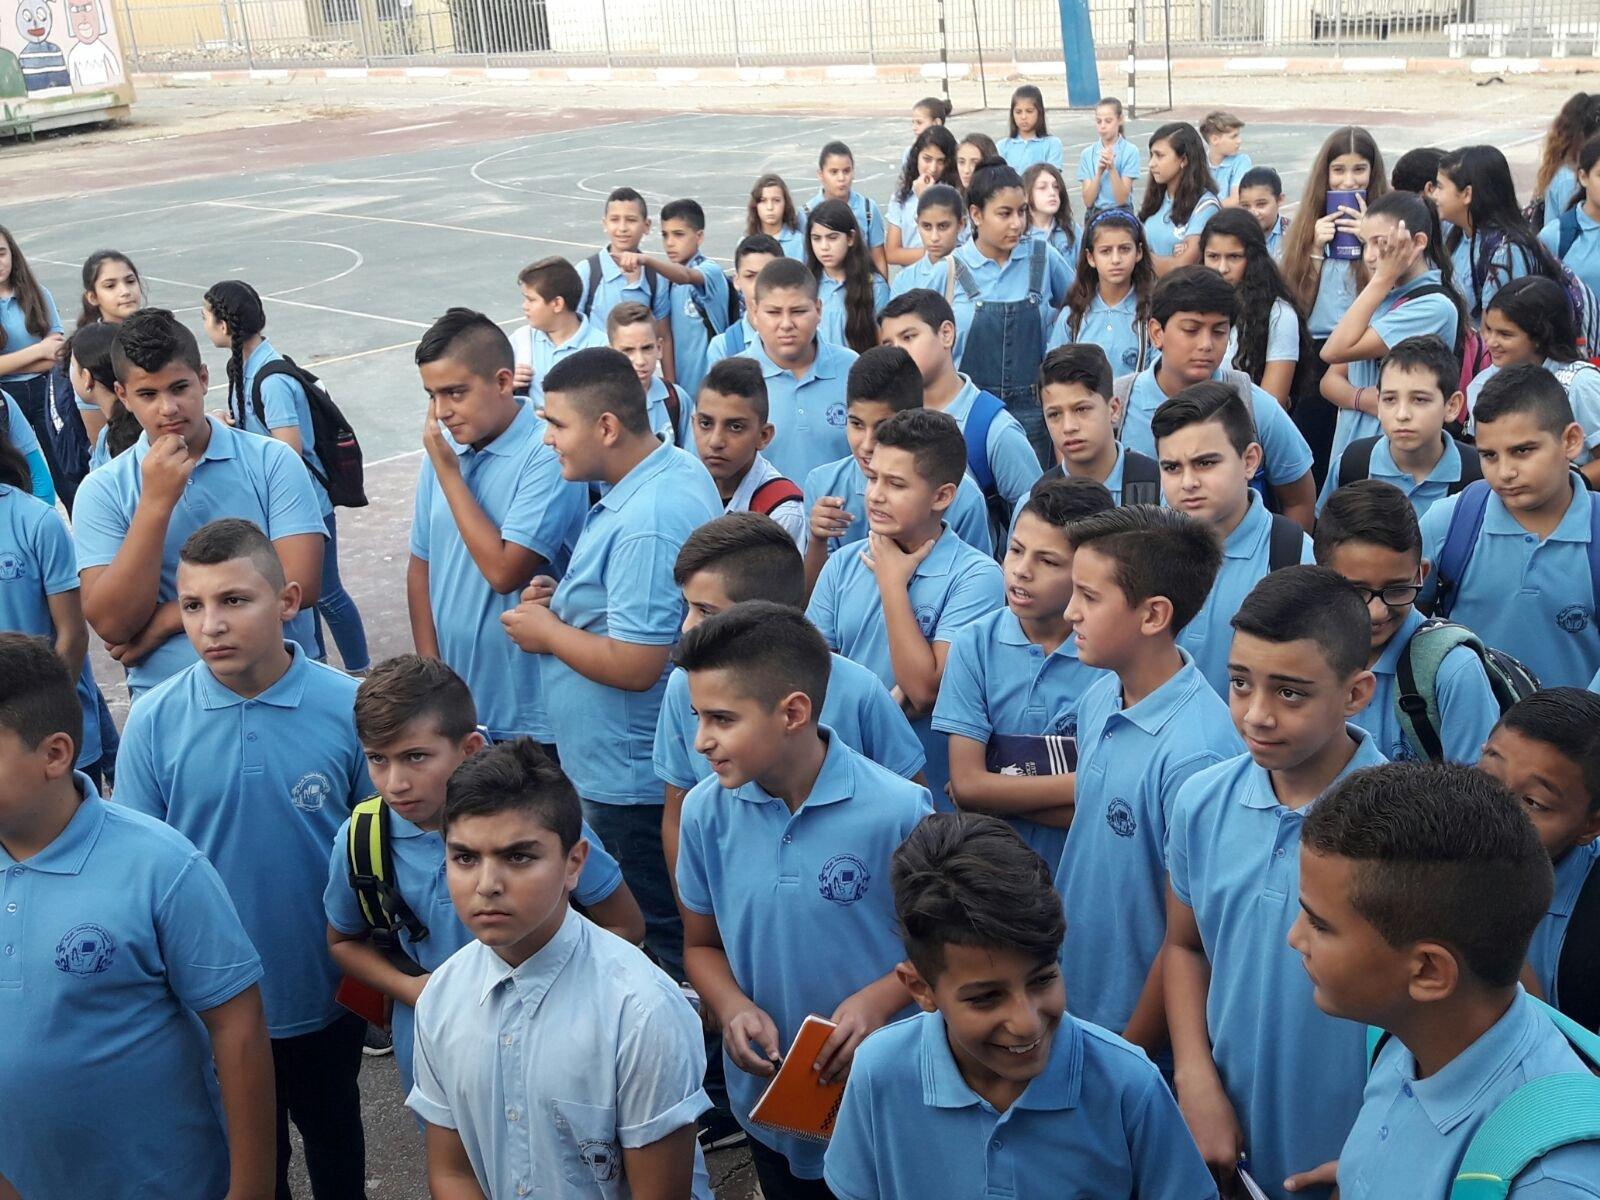 نحو 100 تلميذ في البطوف الشاملة بدون مقاعد دراسية